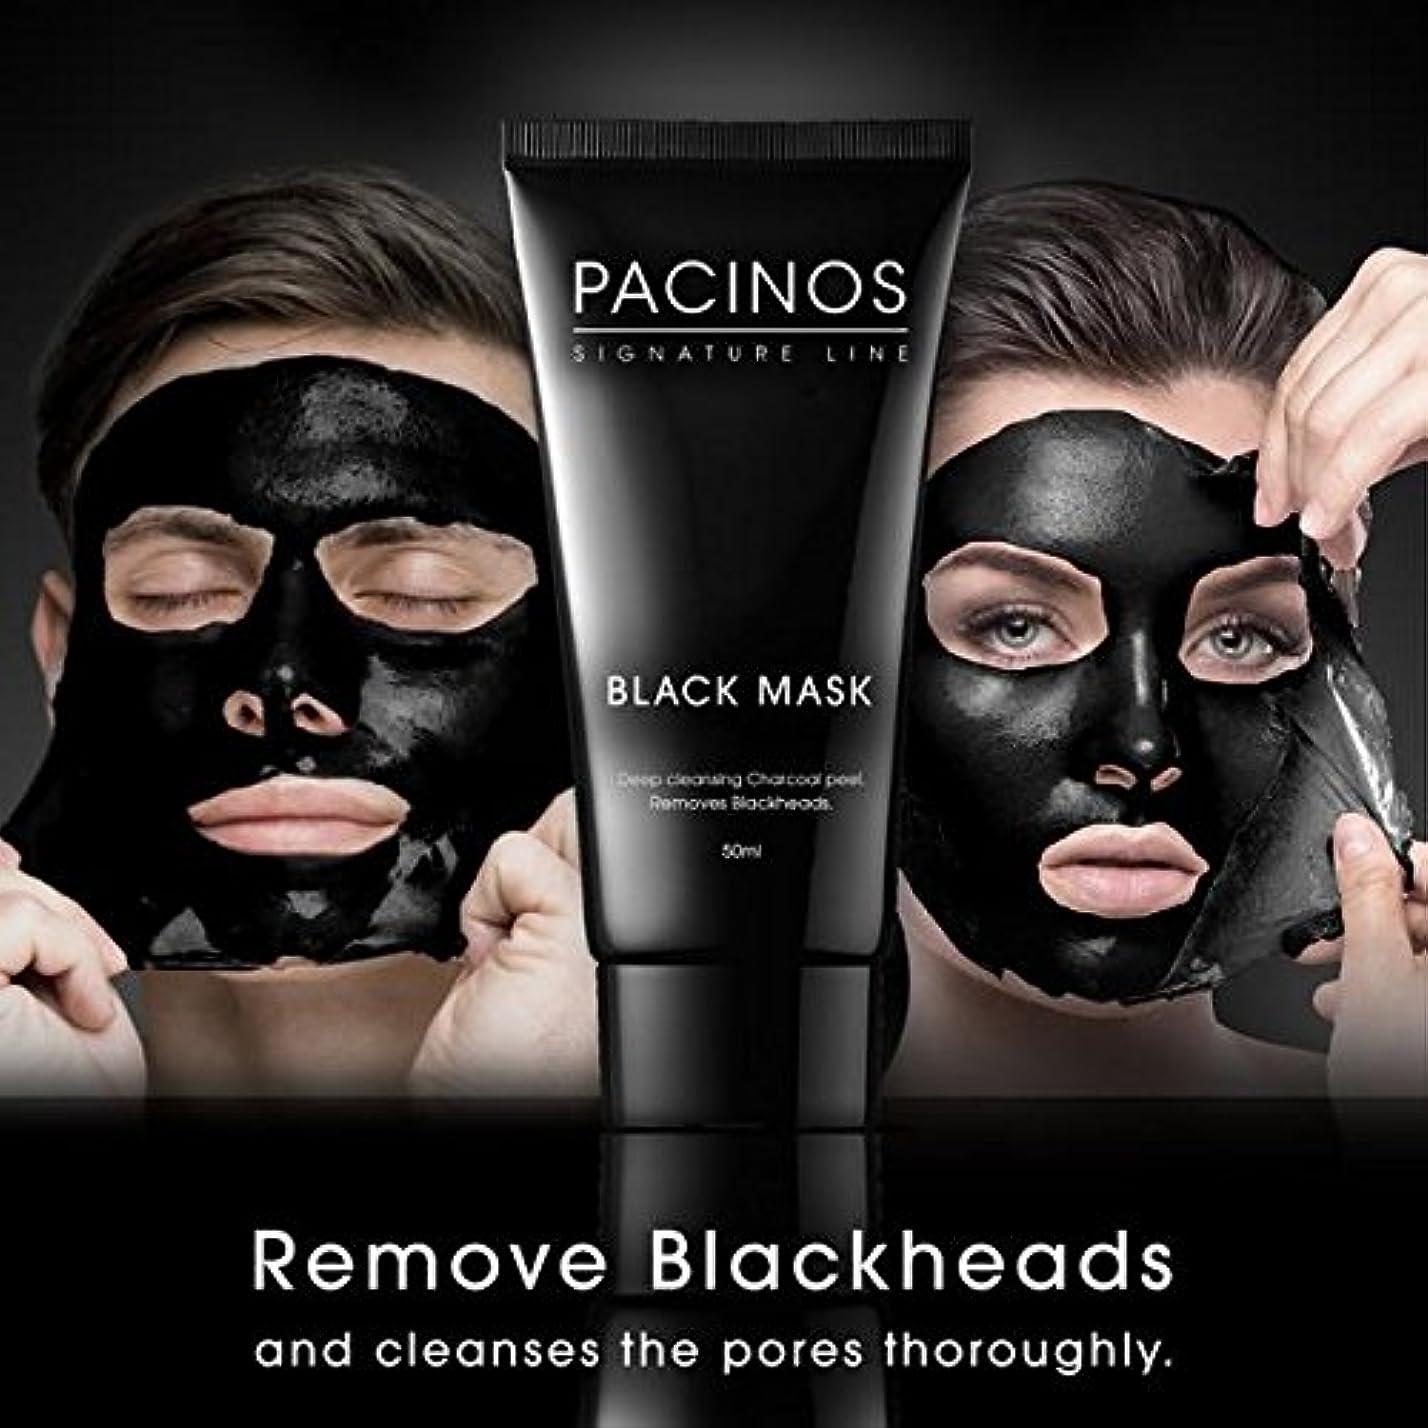 飲み込むエトナ山ずるいPacinos ブラックヘッドリムーバーディープクレンジングピールオフブラックマスク活性炭引裂炭仮面劇、1.76オズ。